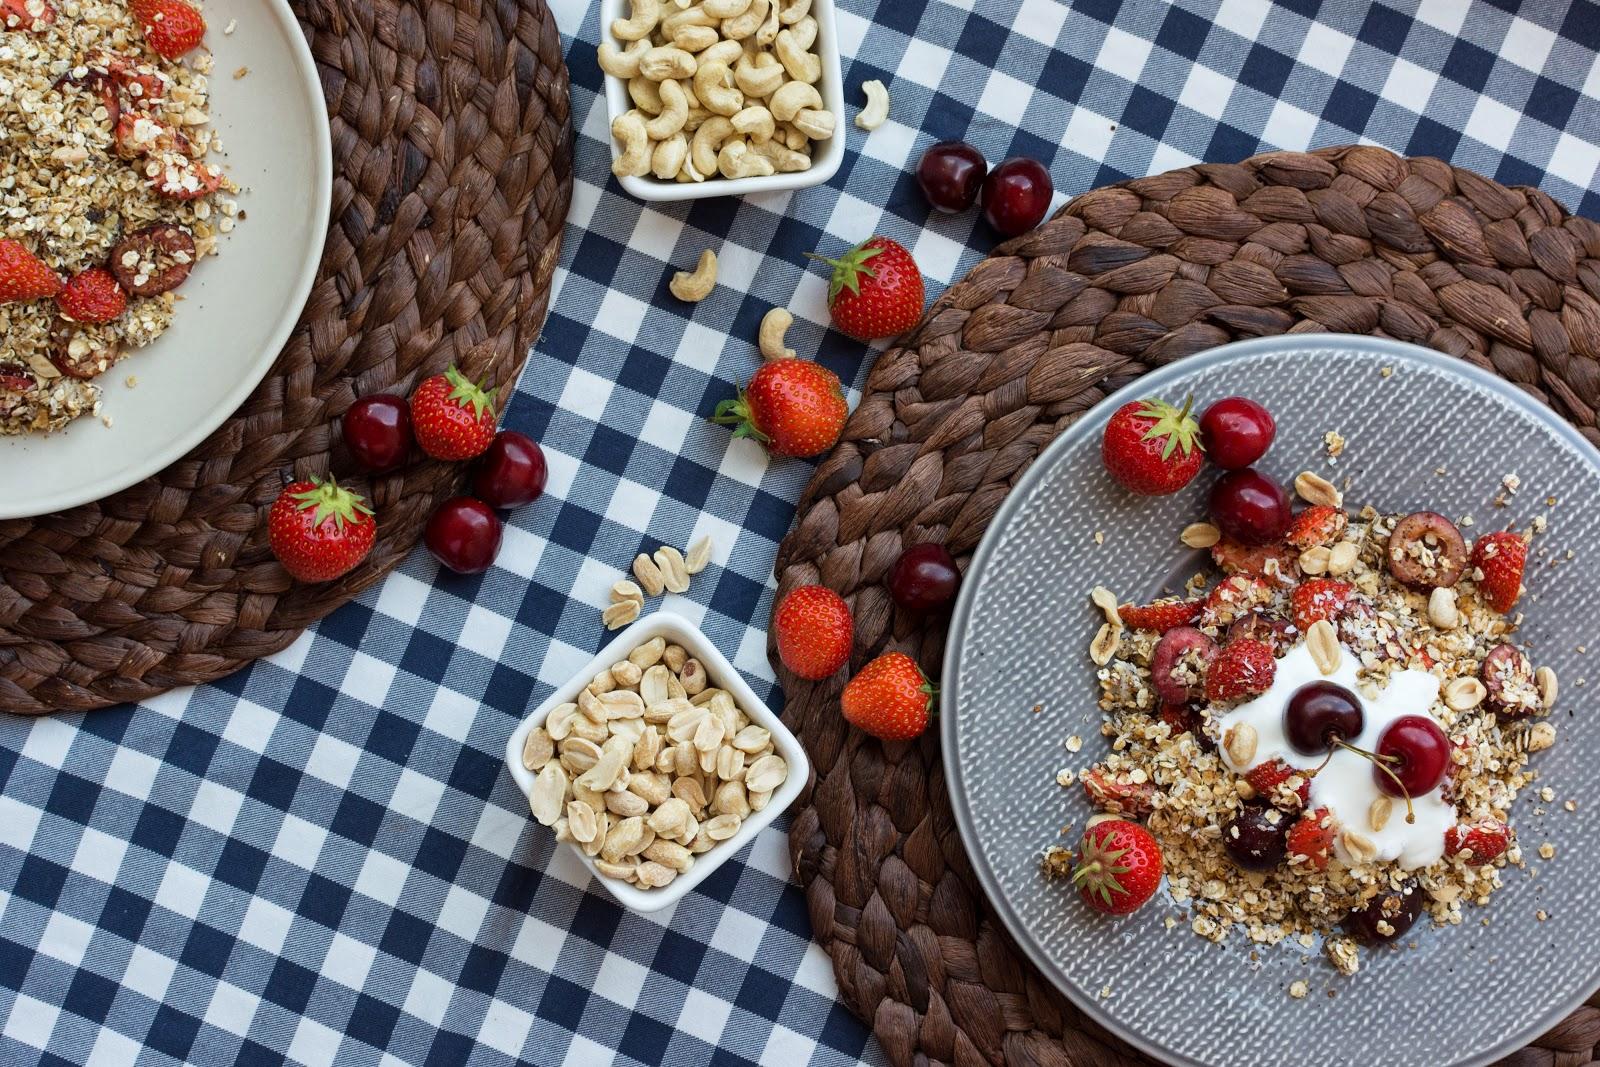 Zdrowe odżywianie? To proste!